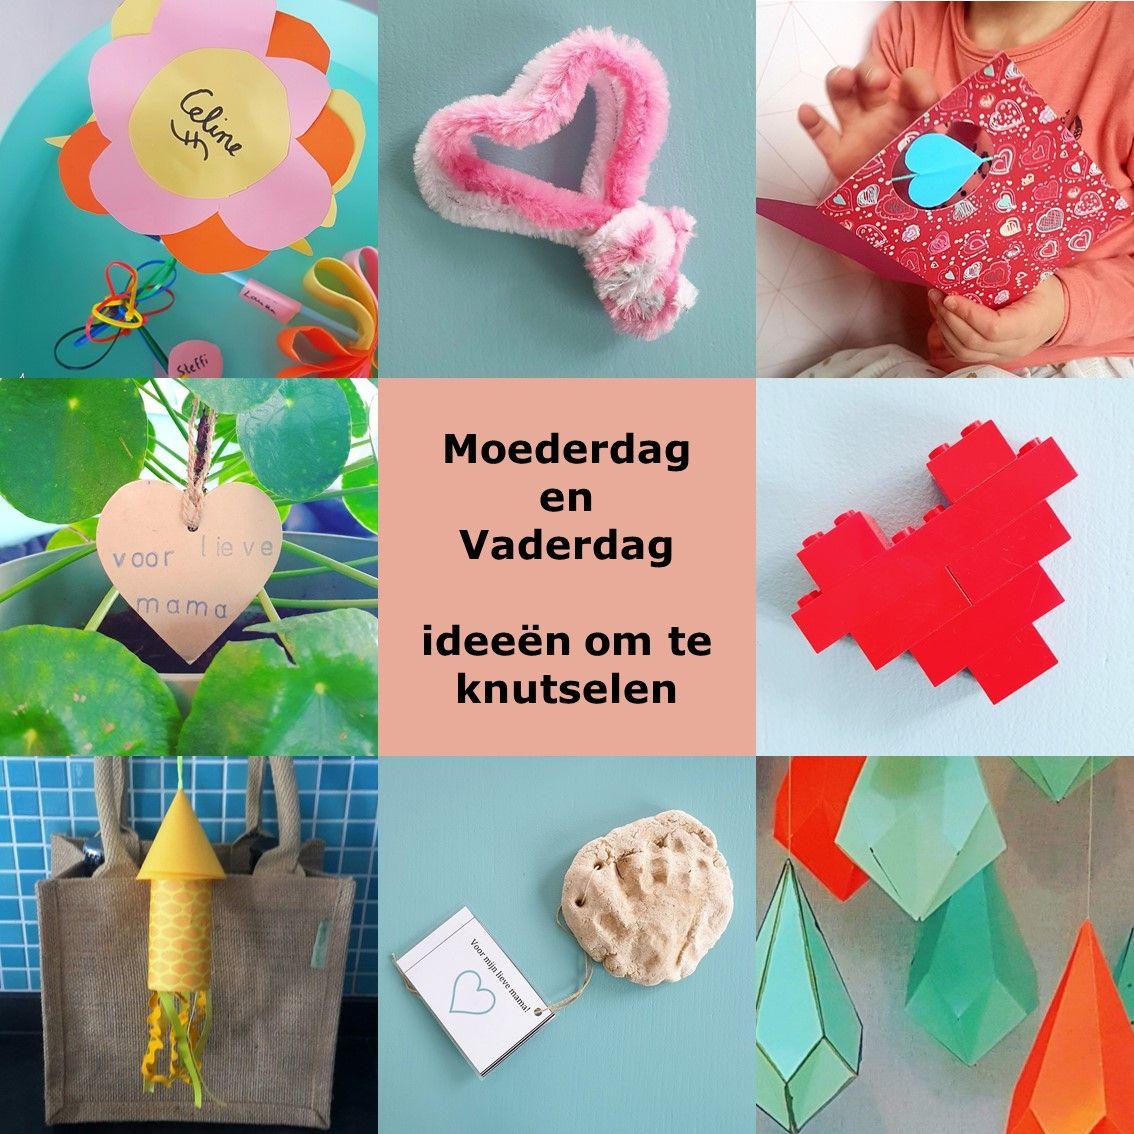 Goede Moederdag en Vaderdag: ideeën om te knutselen - Kids crafts IE-52